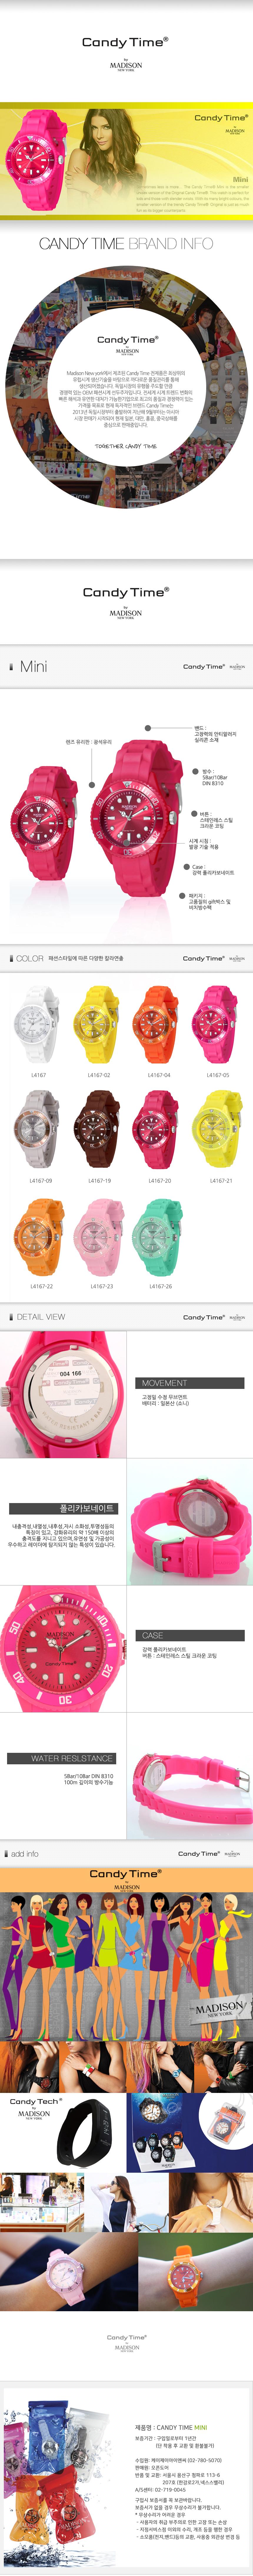 캔디타임 메디슨 뉴욕 Mini Series 패션시계 우레탄시계 - 캔디타임, 45,500원, 여성시계, 패션시계